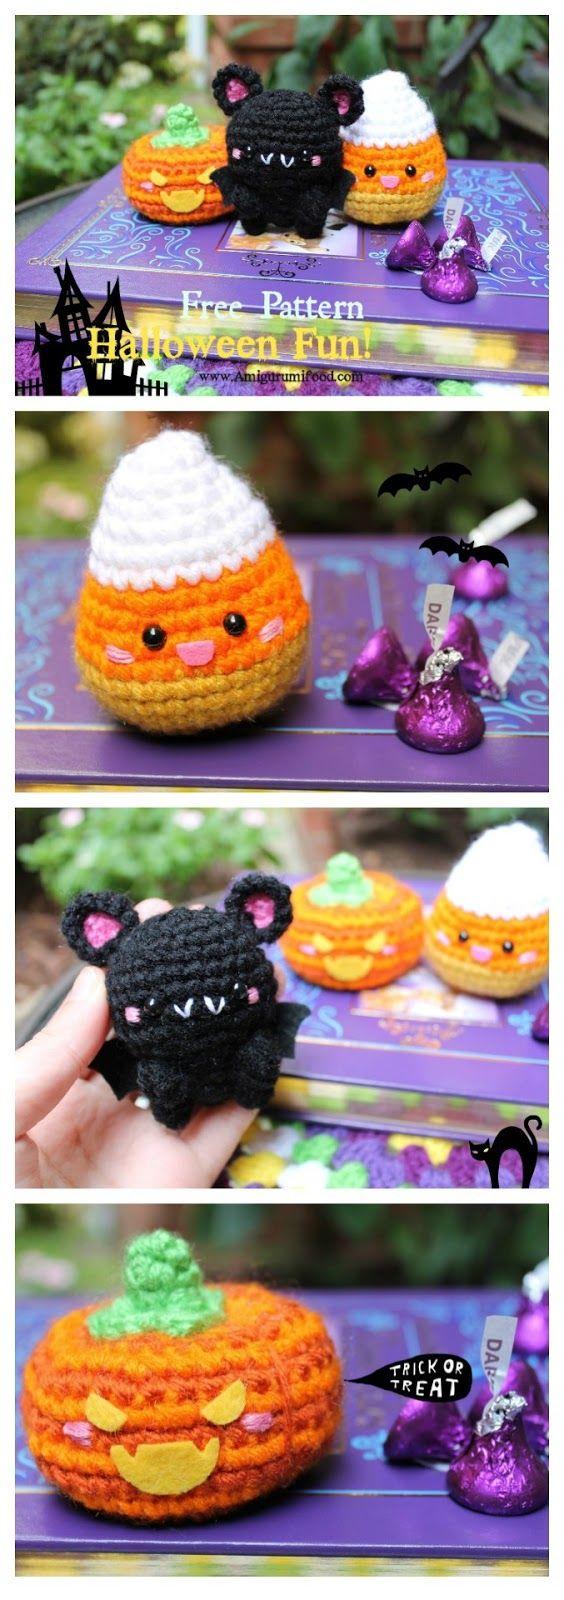 Amigurumi food halloween fun free crochet pattern now ready to amigurumi food halloween fun free crochet pattern now ready to print bankloansurffo Choice Image